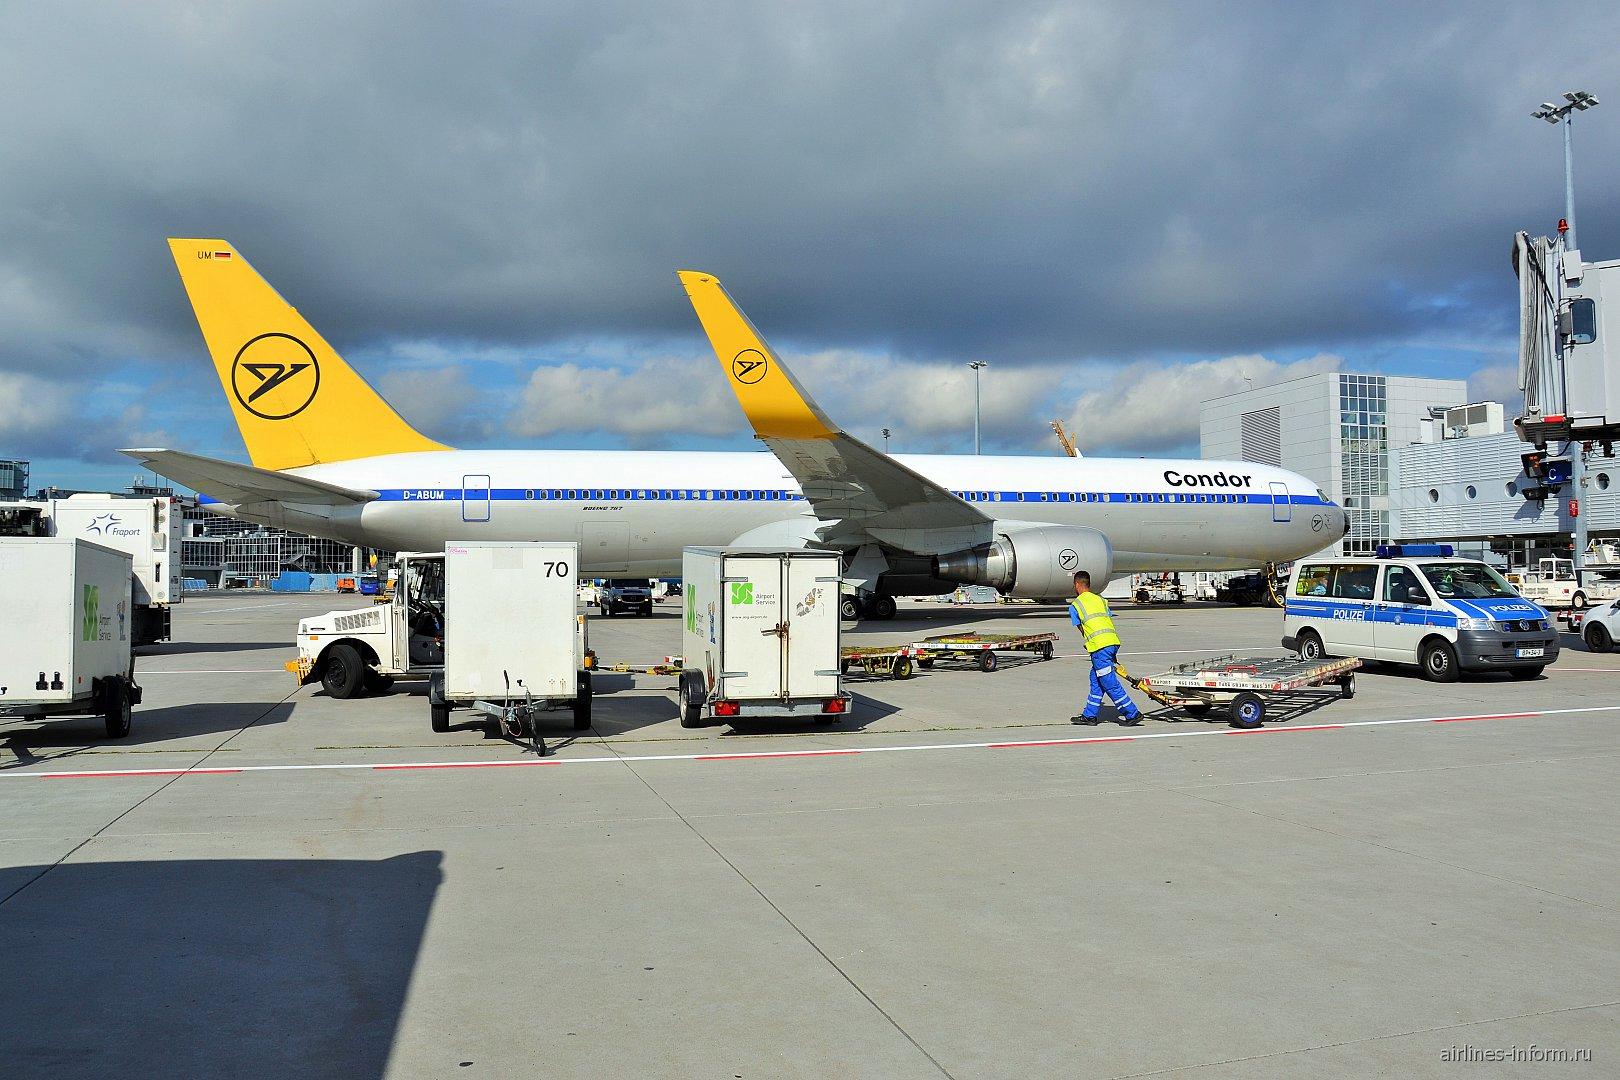 Боинг-767-300 в ретро-ливрее авиакомпании Condor в аэропорту Франкфурт